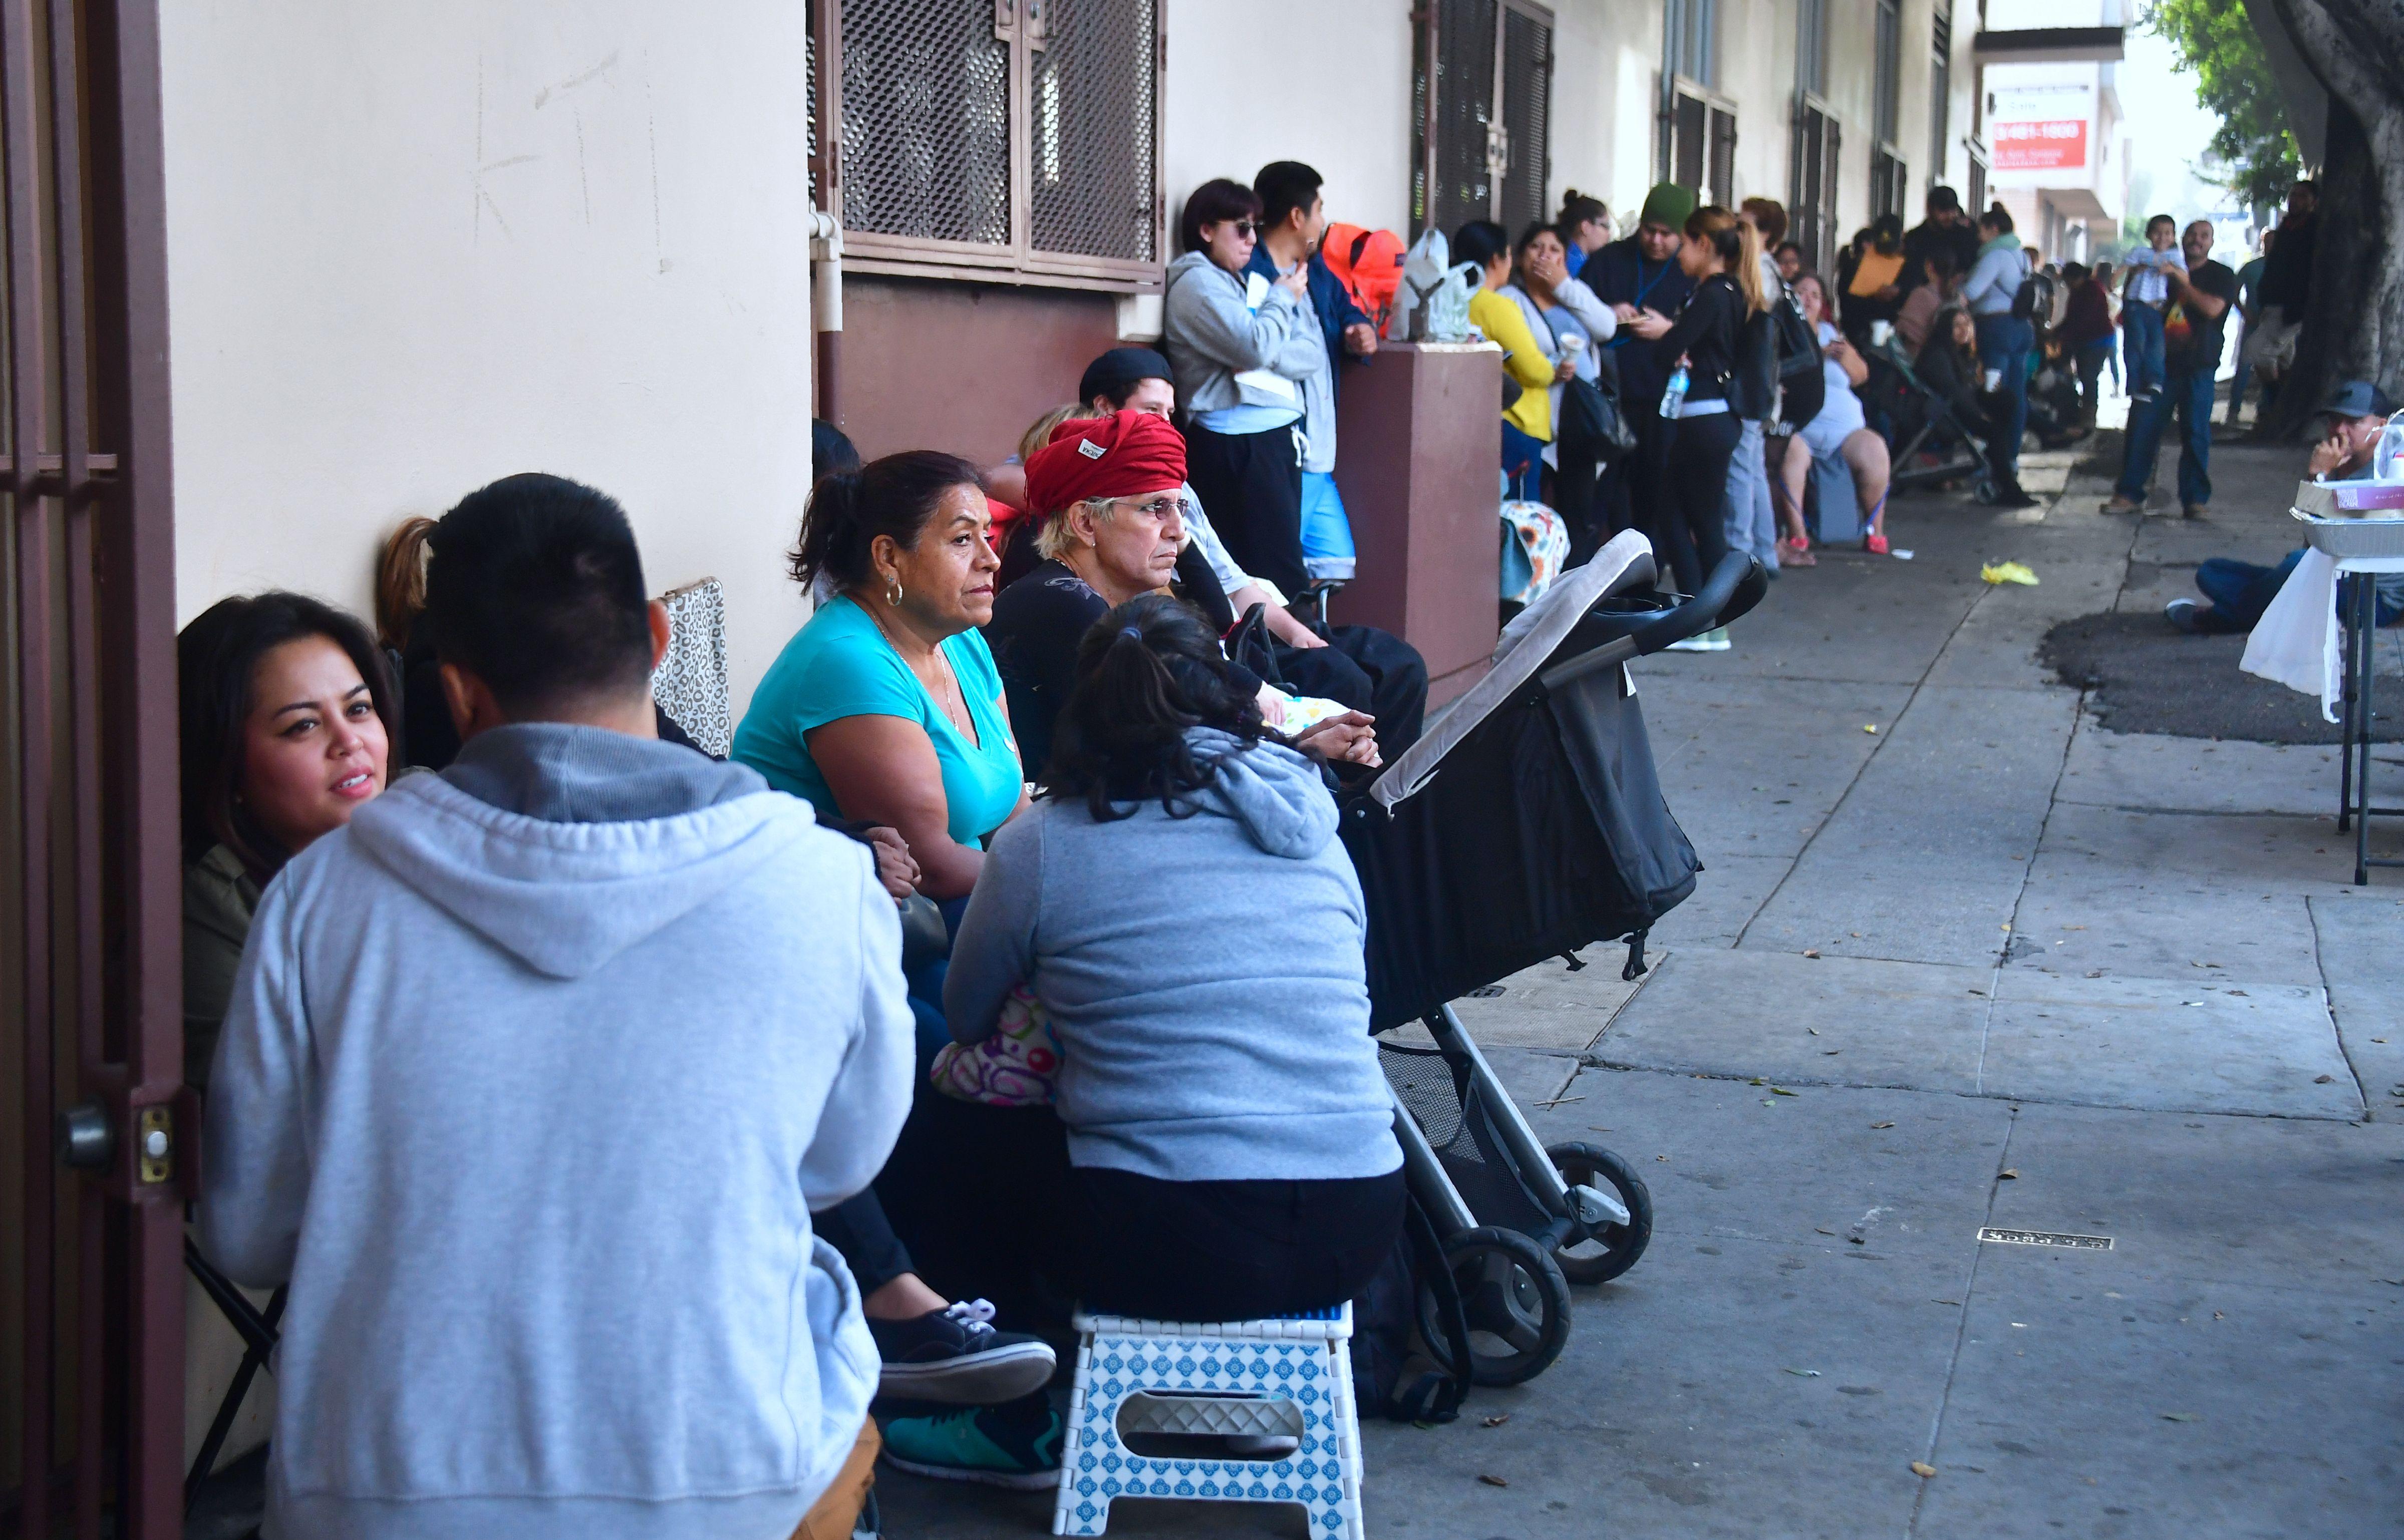 Dreamers esperando para aplicar para el DACA